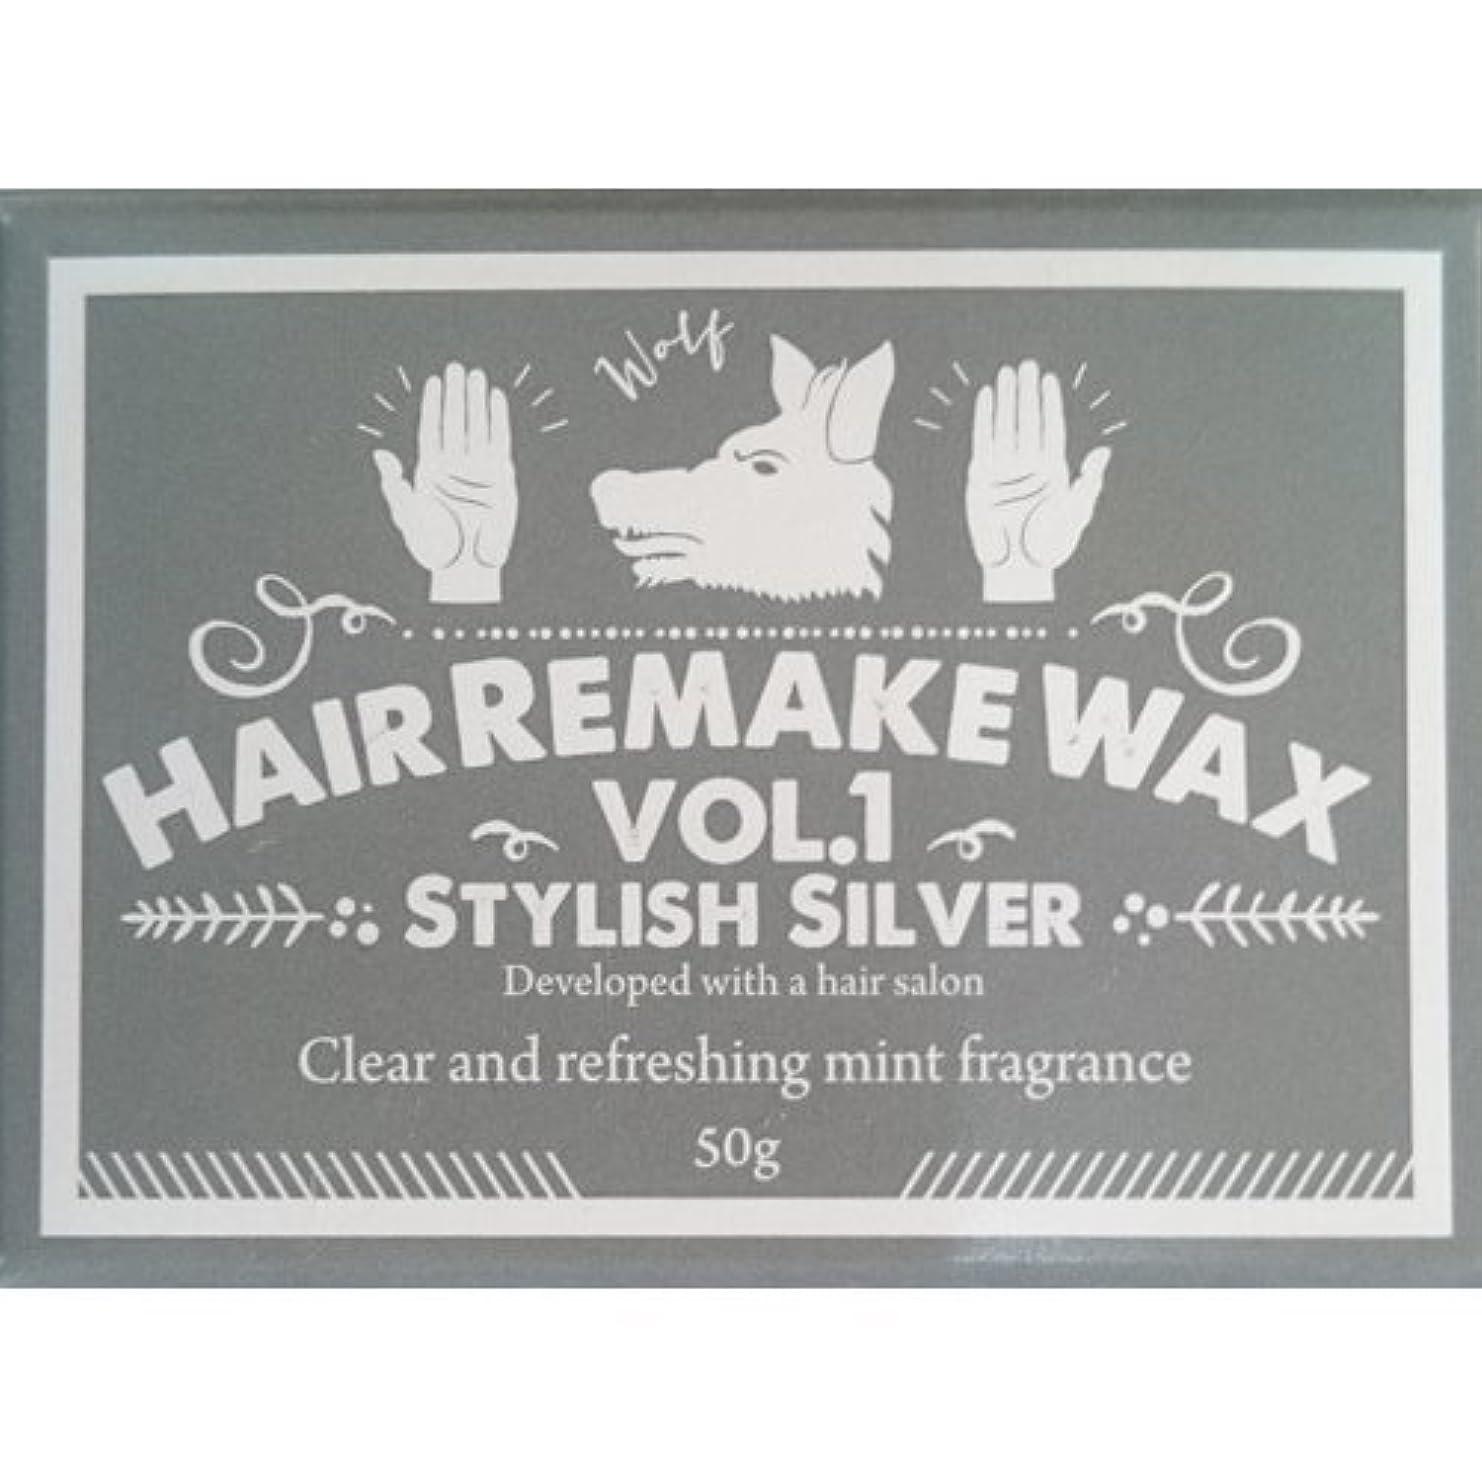 きらきら謎野心的パーティー 変装 銀髪用 Hair Remake(ヘアーリメイクワックス)WAX Vol.1 スタイリッシュシルバー 50g